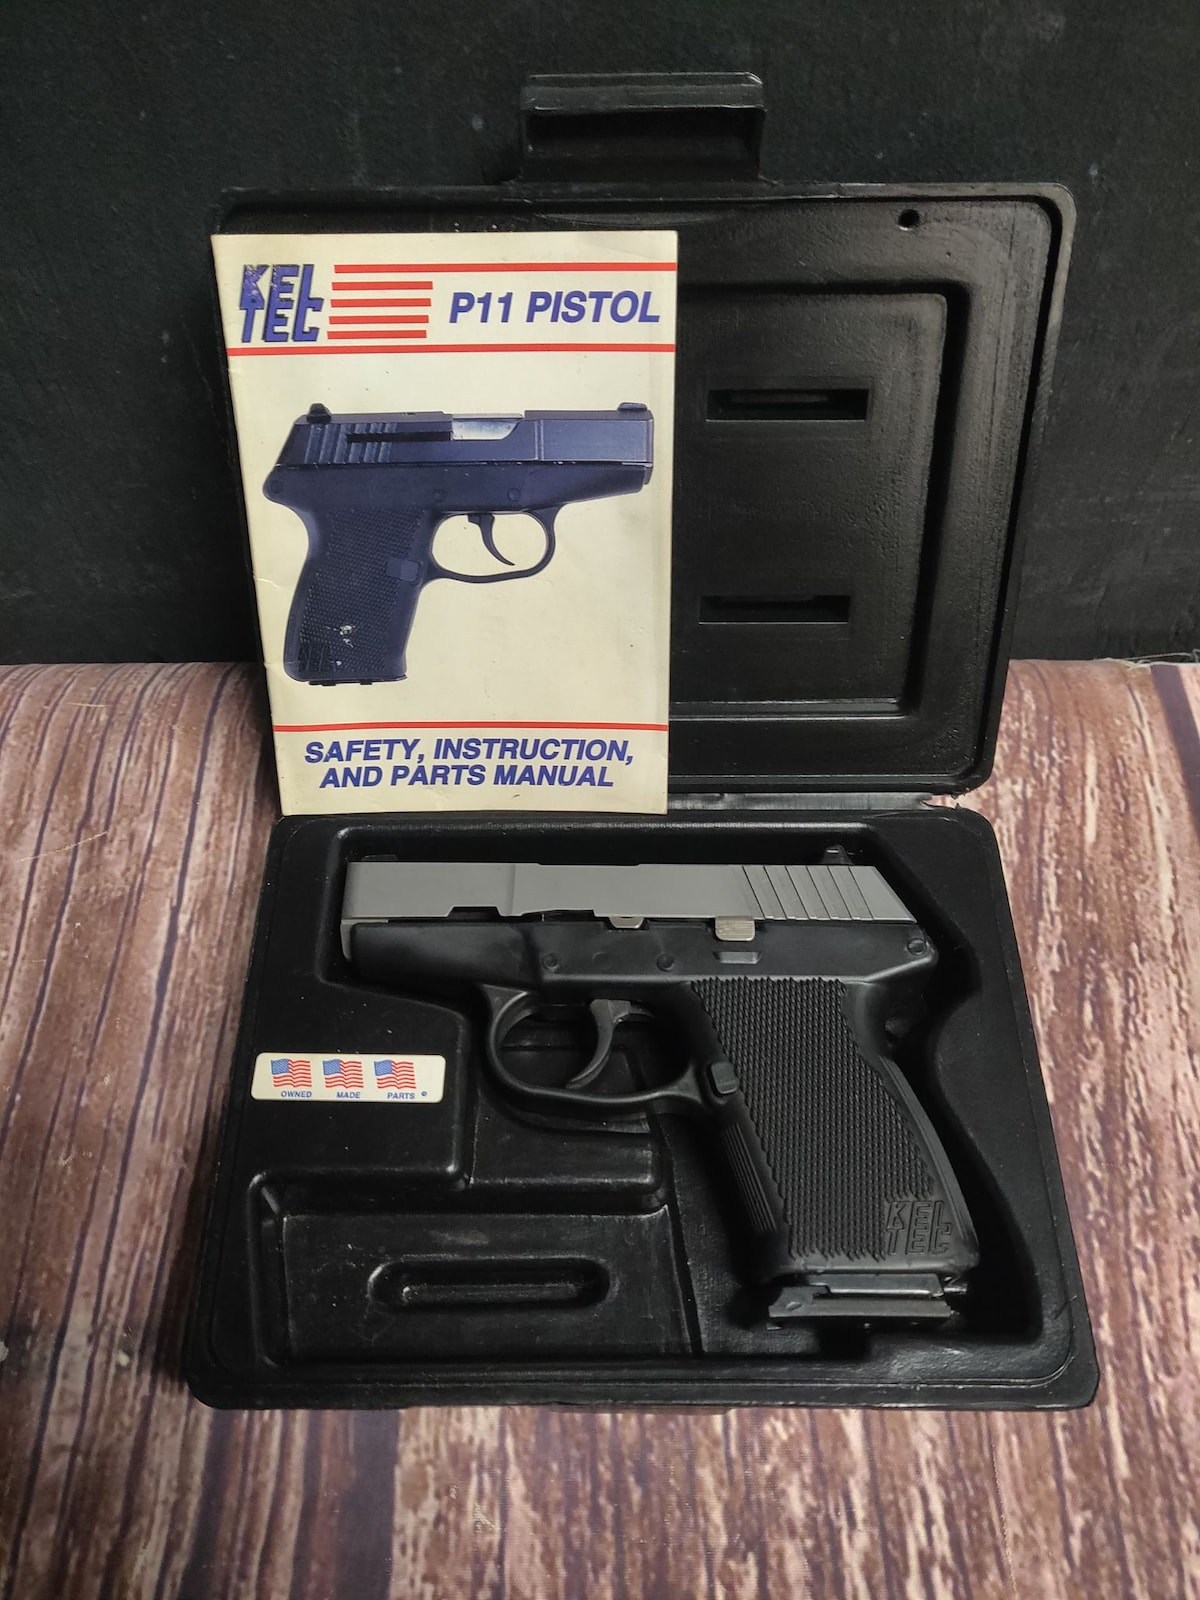 KEL-TEC P-11